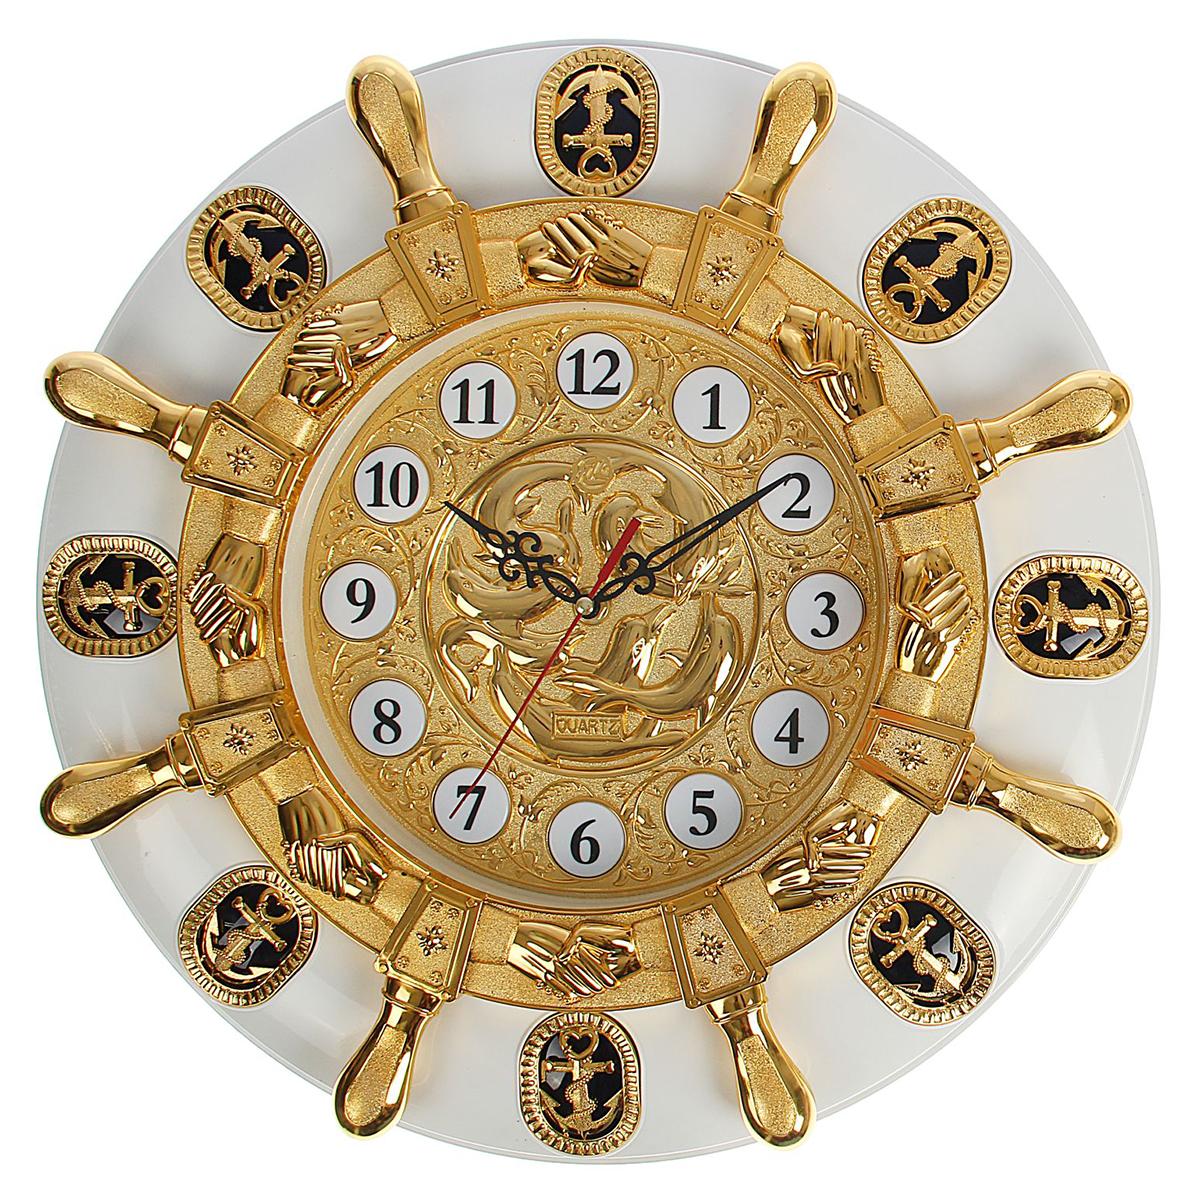 Часы настенные Штурвал, диаметр 50 см1723702Каждому хозяину периодически приходит мысль обновить свою квартиру, сделать ремонт, перестановку или кардинально поменять внешний вид каждой комнаты. Часы настенные Золотой штурвал на белом круге, d=50 см — привлекательная деталь, которая поможет воплотить вашу интерьерную идею, создать неповторимую атмосферу в вашем доме. Окружите себя приятными мелочами, пусть они радуют глаз и дарят гармонию.Часы настенные. Серия Штурвал пластик. Штурвал золото на круге белом d=50см 1723702